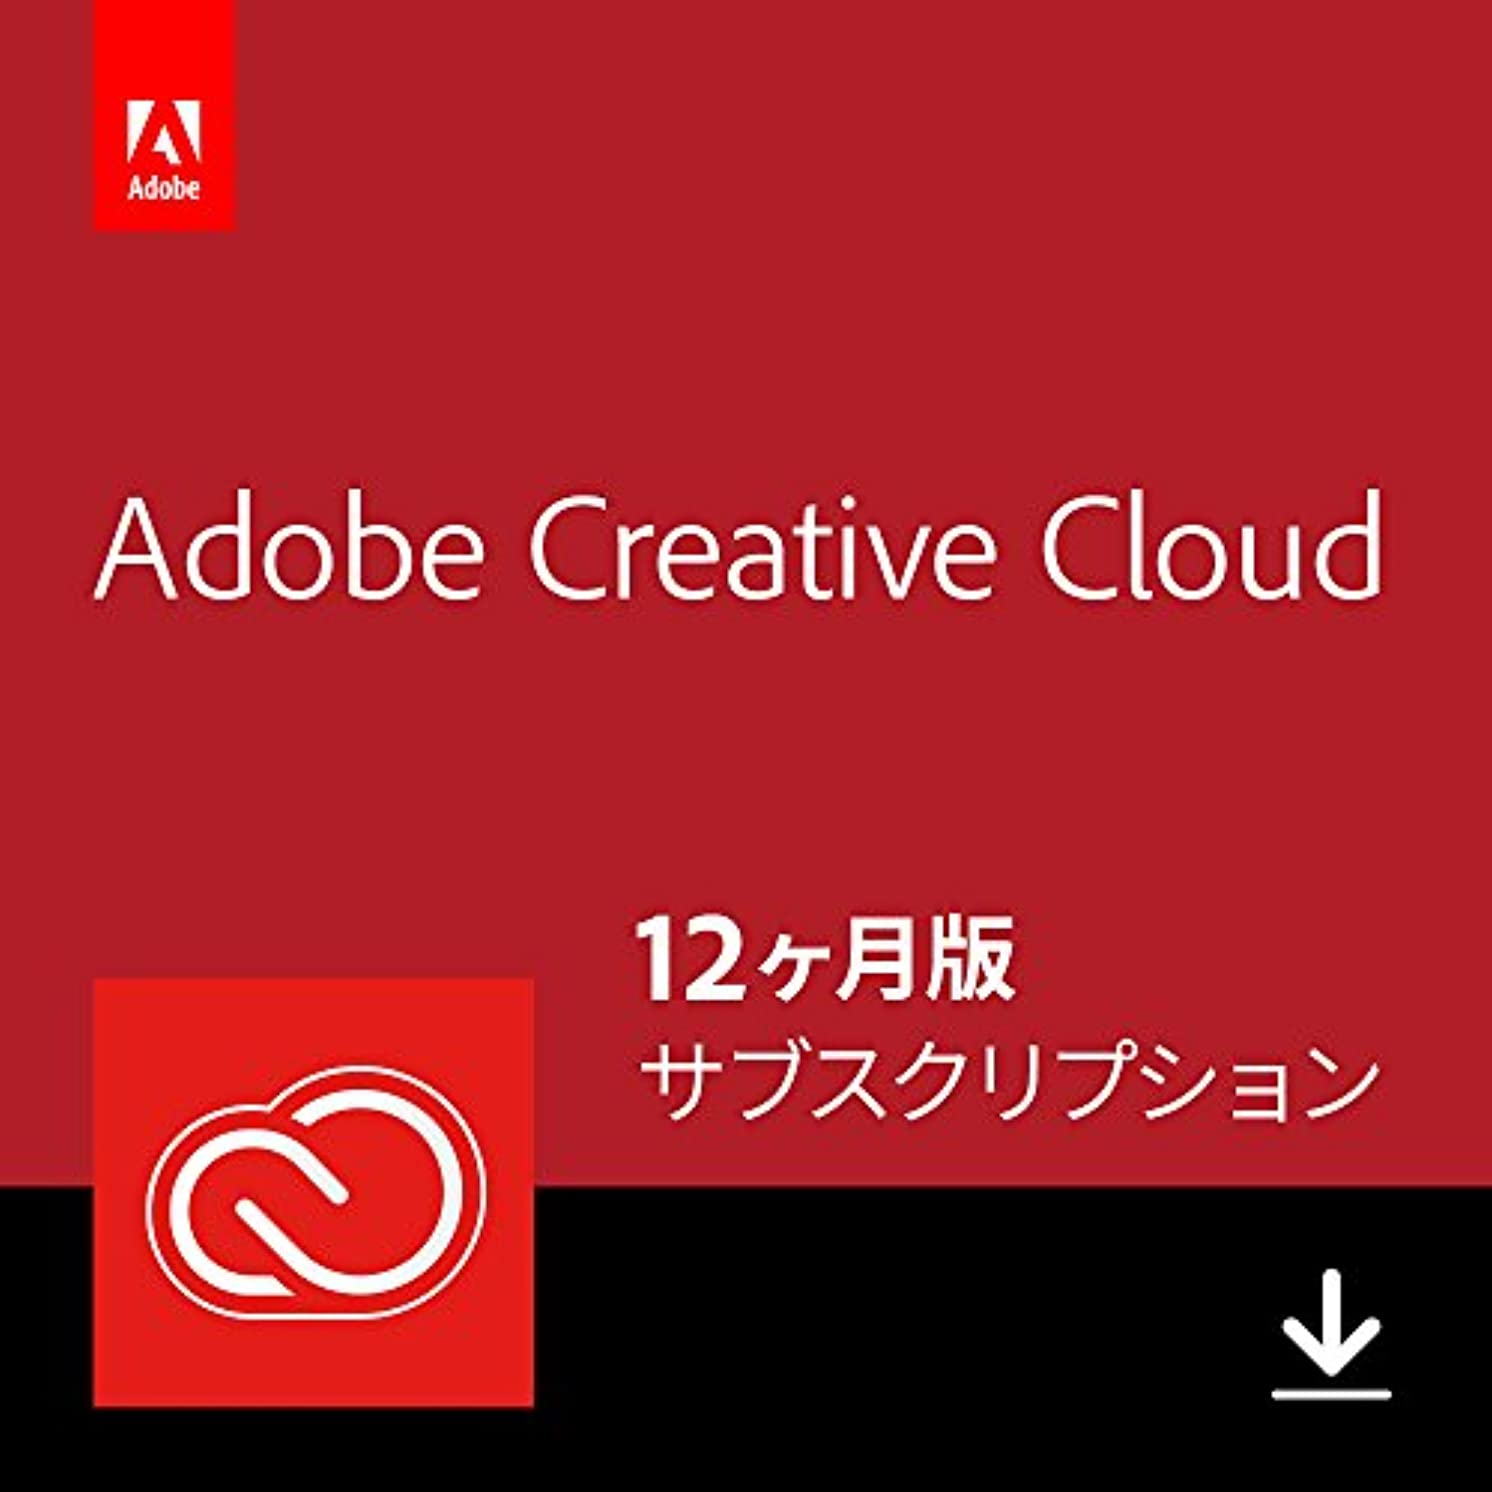 マーカー故障資料Adobe Creative Cloud コンプリート|12か月版|Windows/Mac対応|オンラインコード版